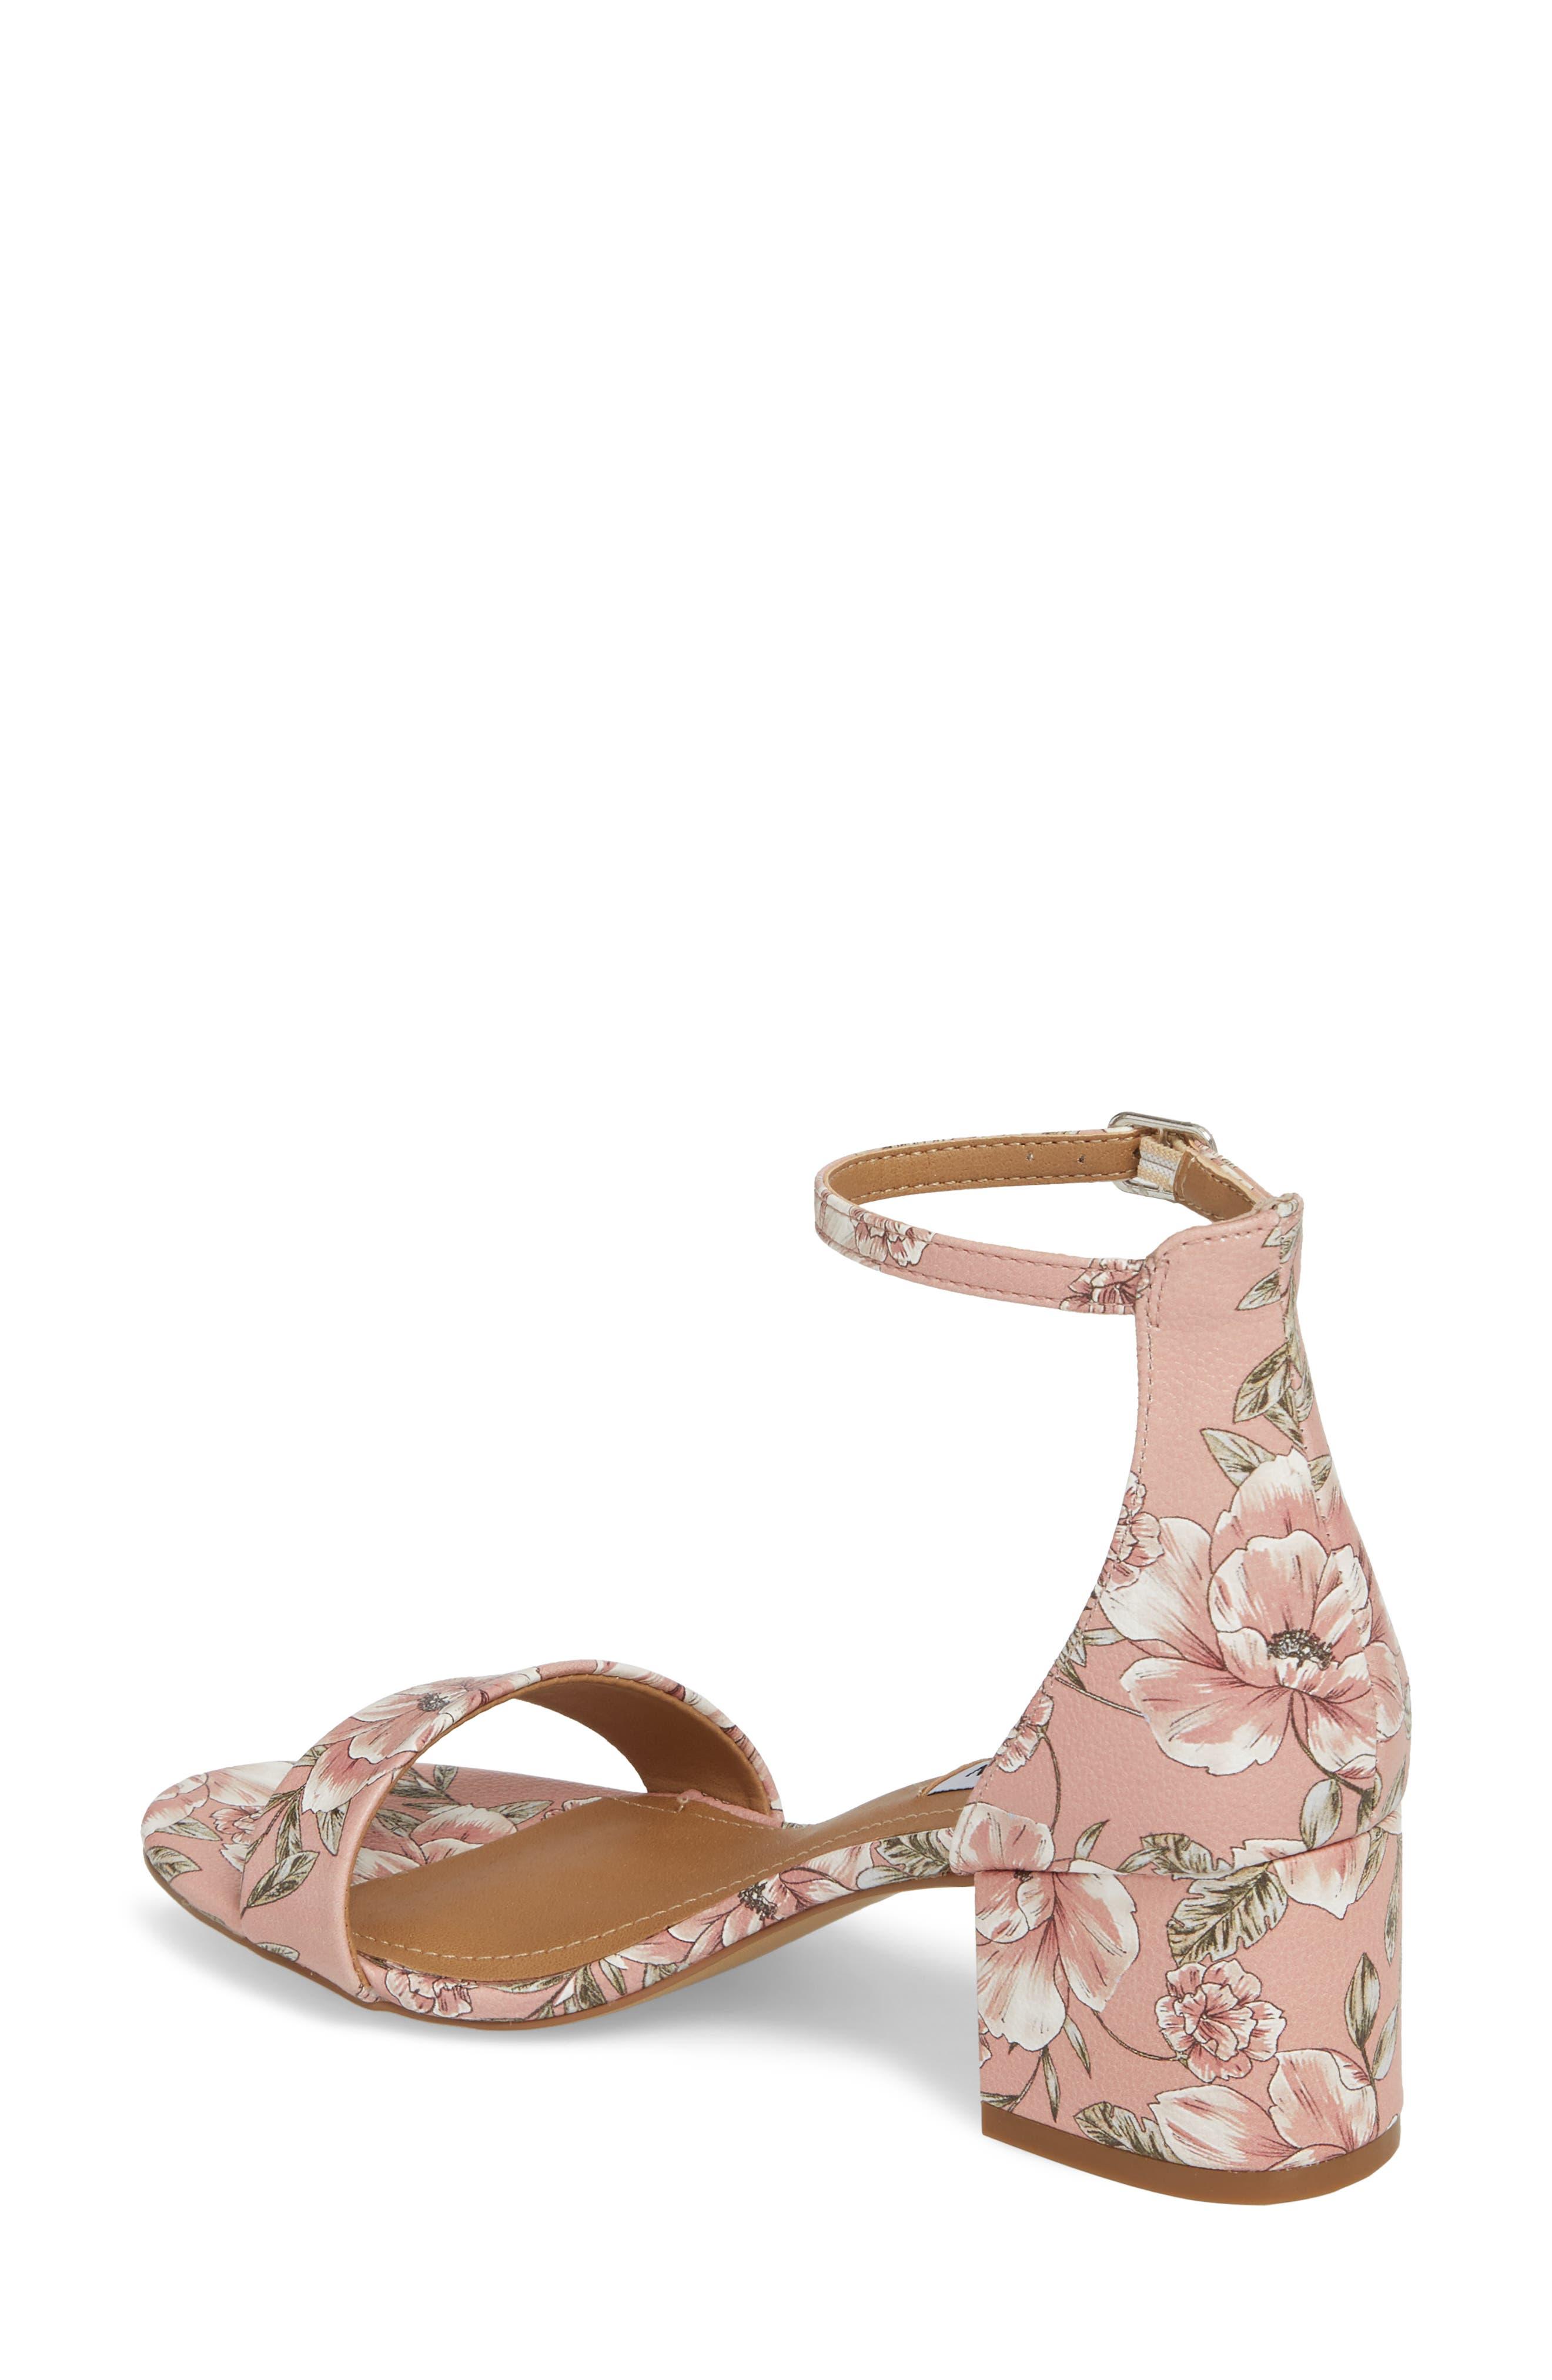 Irenee Ankle Strap Sandal,                             Alternate thumbnail 40, color,